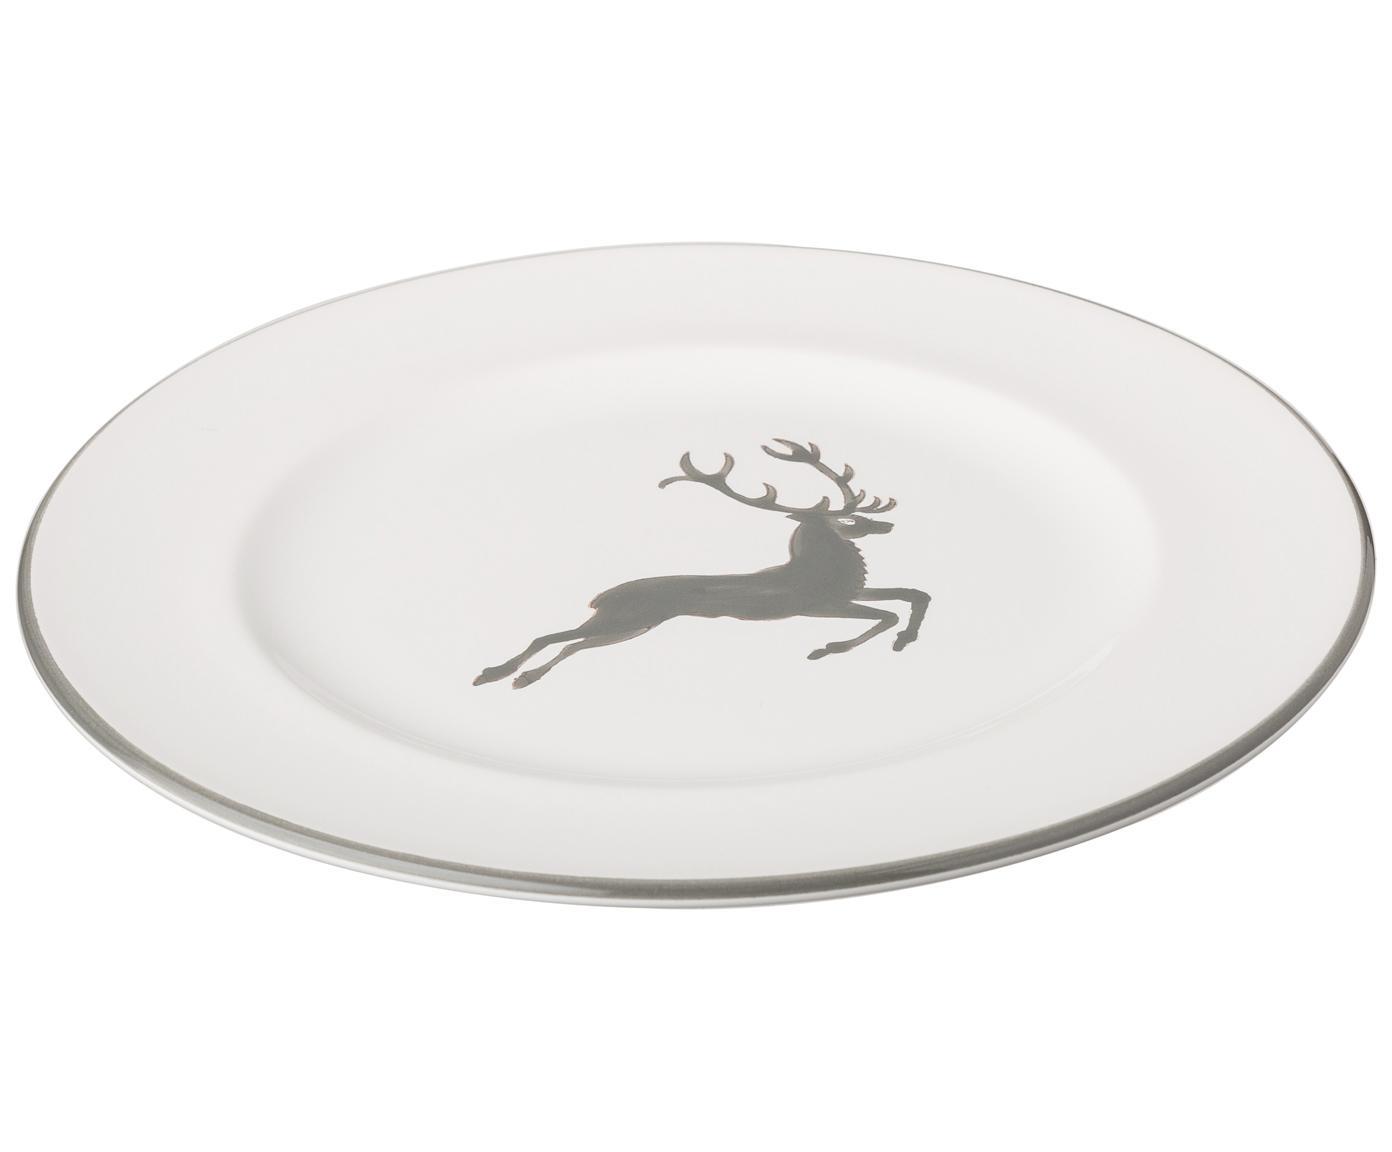 Talerz deserowy Gourmet Grauer Hirsch, Ceramika, Szary, biały, Ø 22 cm